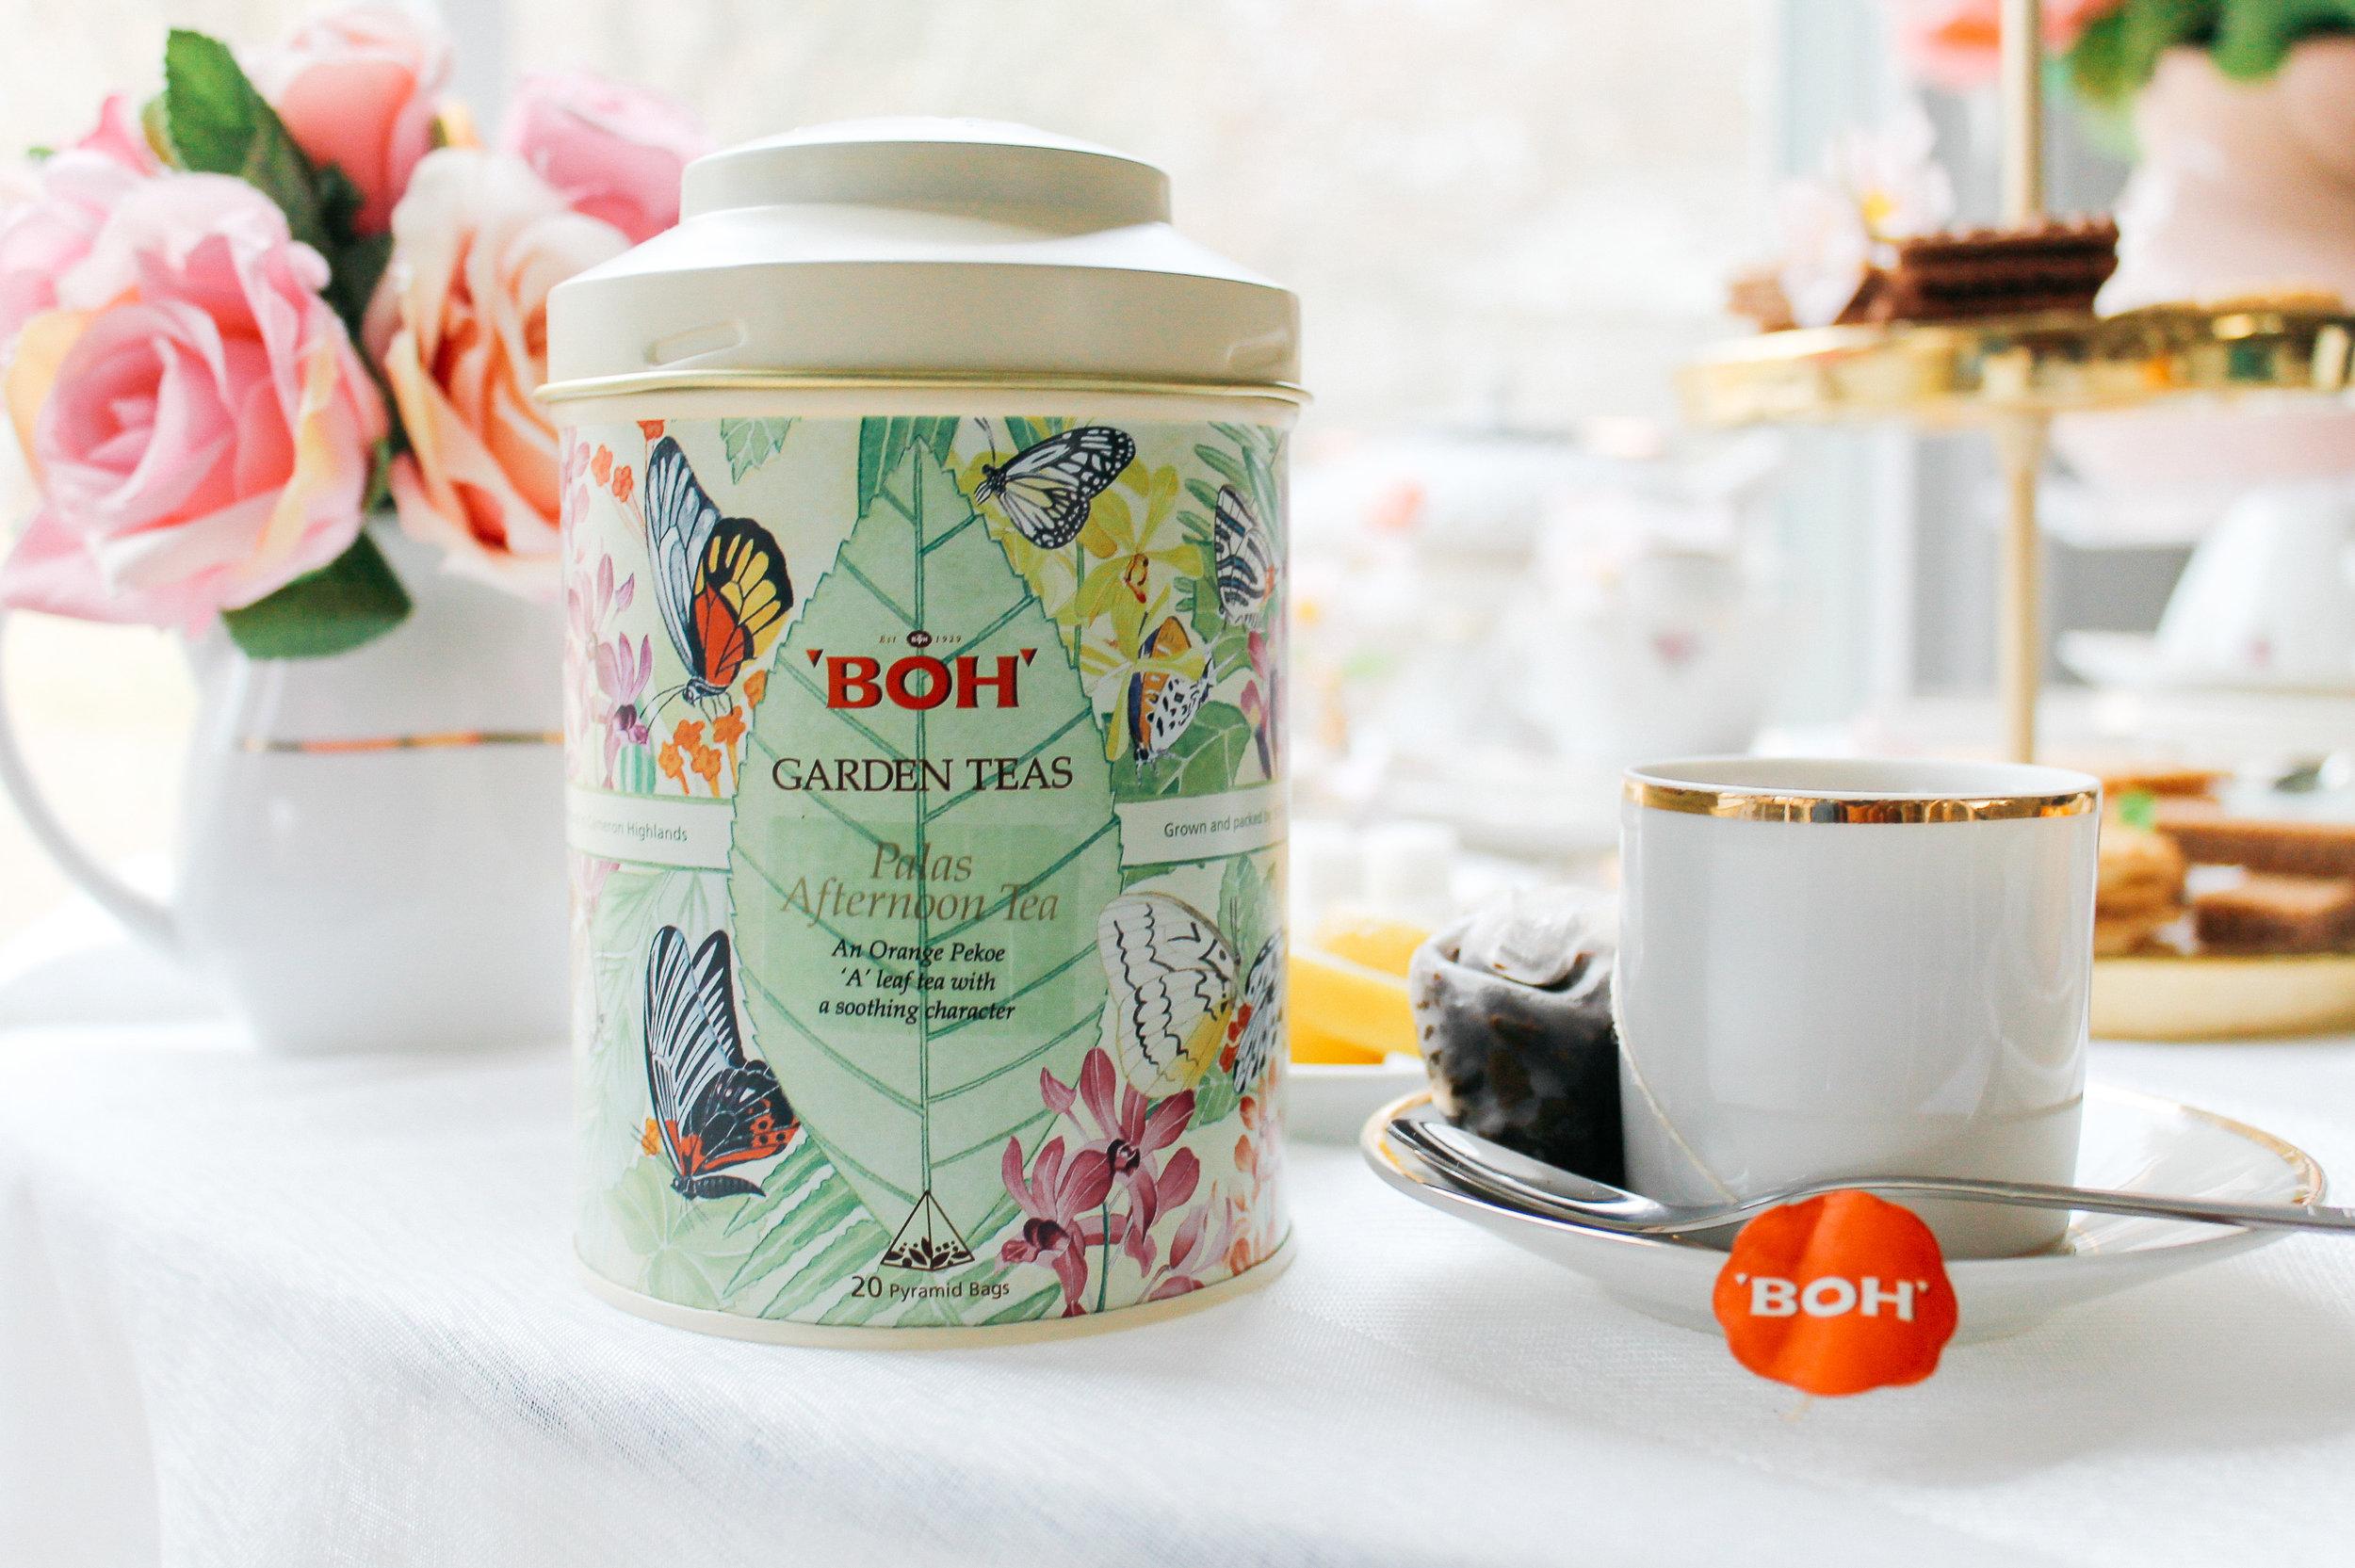 BOH Garden Teas // Garden Tea Party Decor Idea, Styled by Always Creating Studio